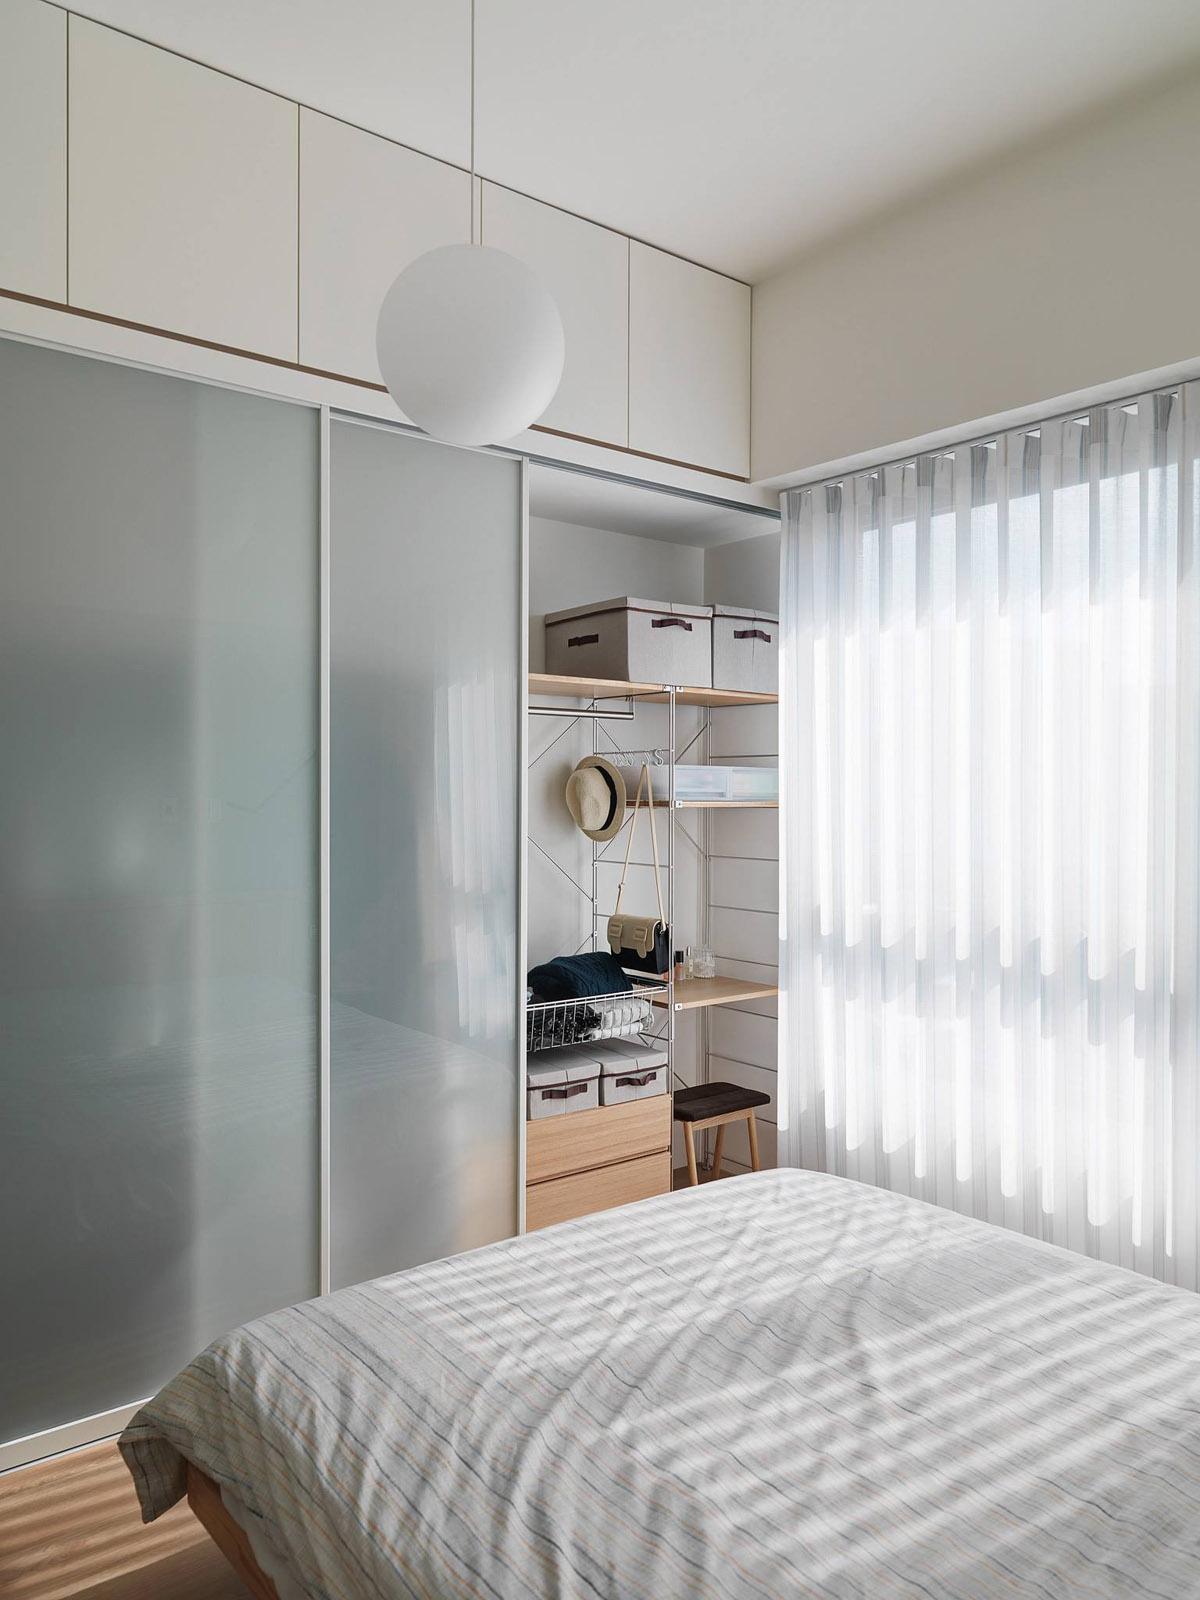 Mẫu thiết kế nội thất chung cư 100m2 2 phòng ngủ phong cách Nhật Bản. Phòng ngủ 7